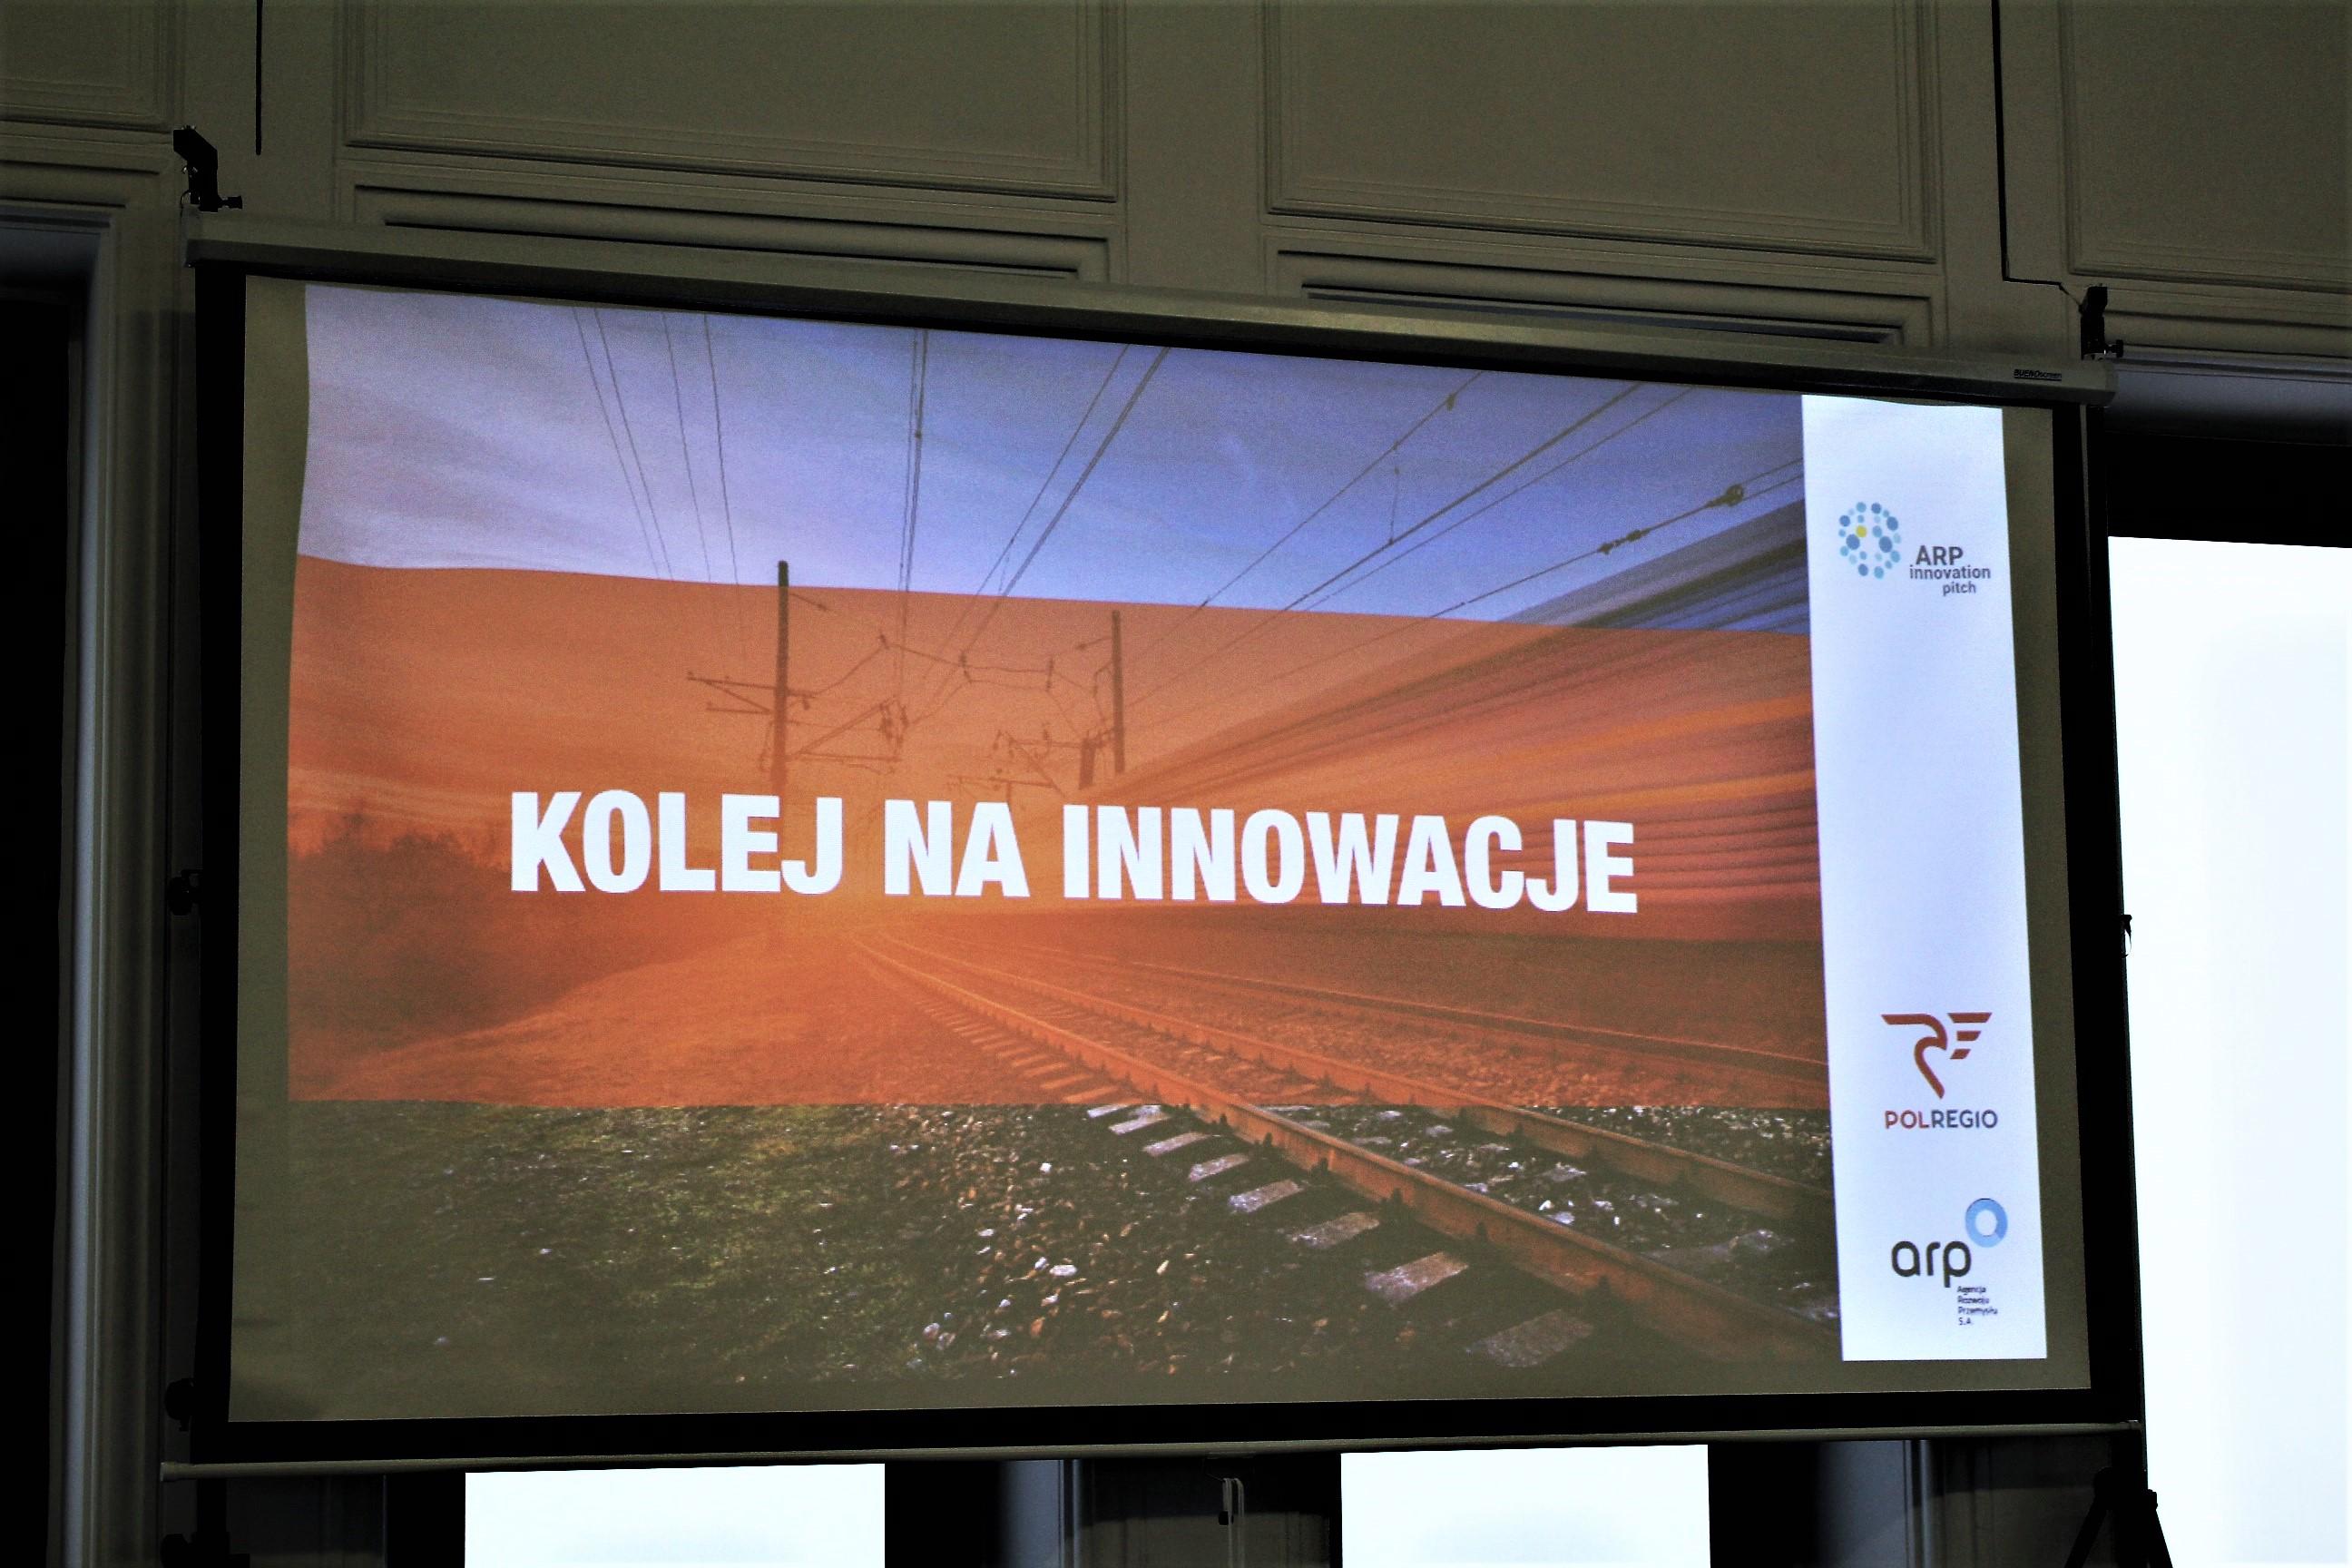 Innowacyjne rozwiązania dla kolei – program akceleracyjny ARP i POLREGIO